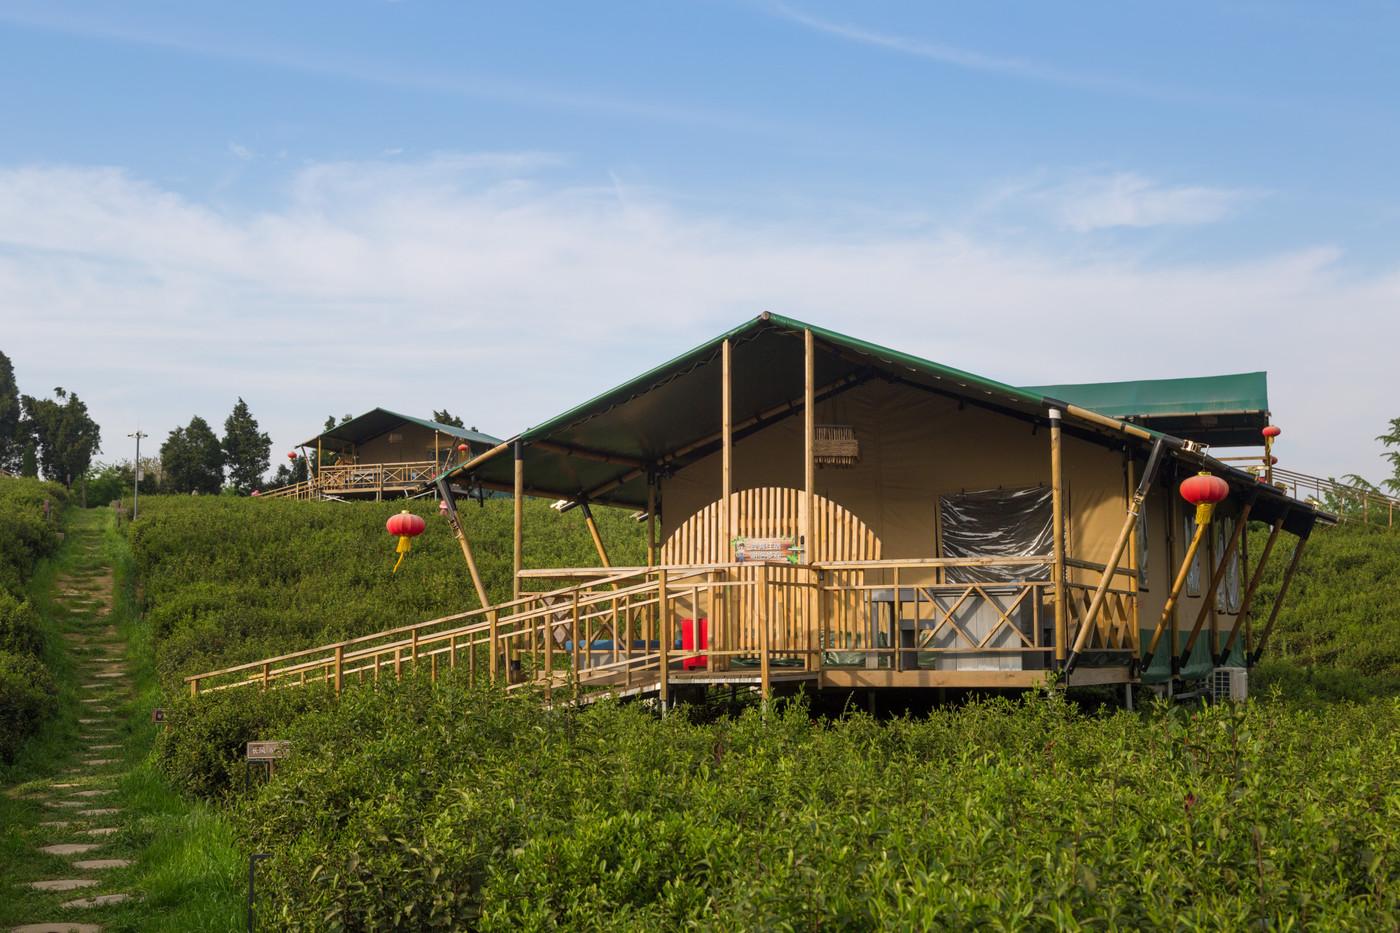 喜马拉雅野奢帐篷酒店—江苏茅山宝盛园(二期)12